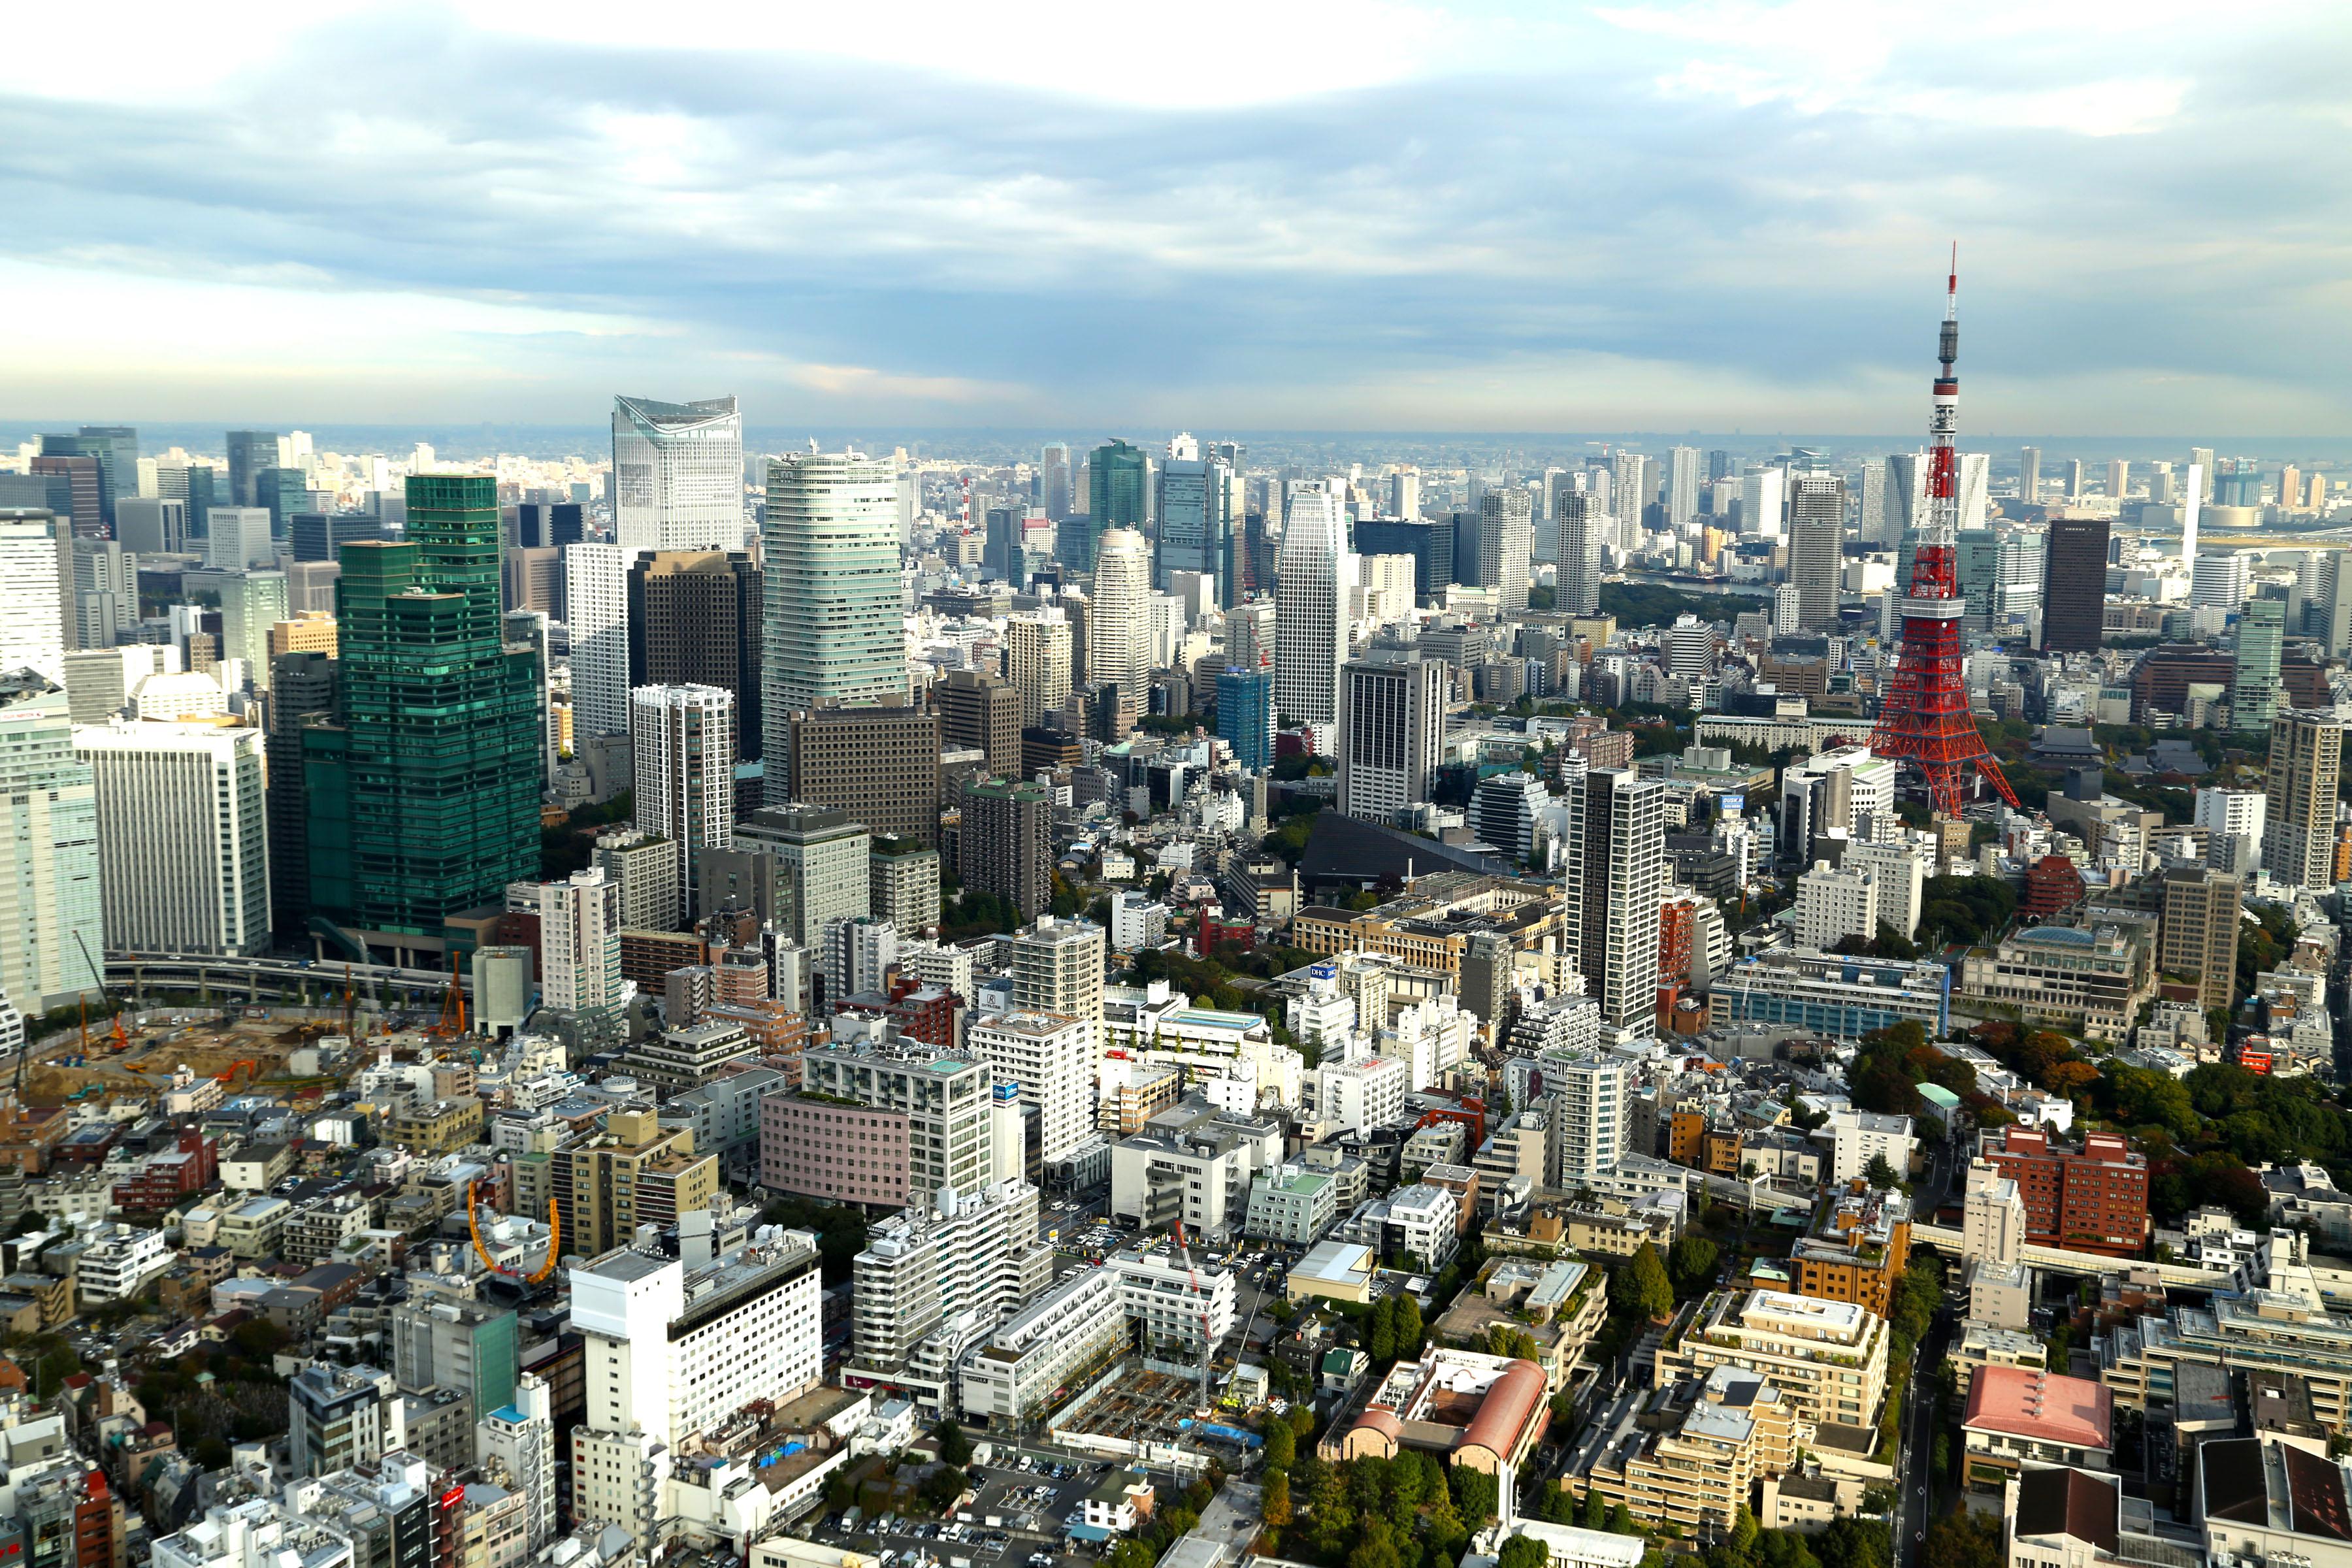 Tokyo Skyline from Mori Tower Roppongi Tokyo